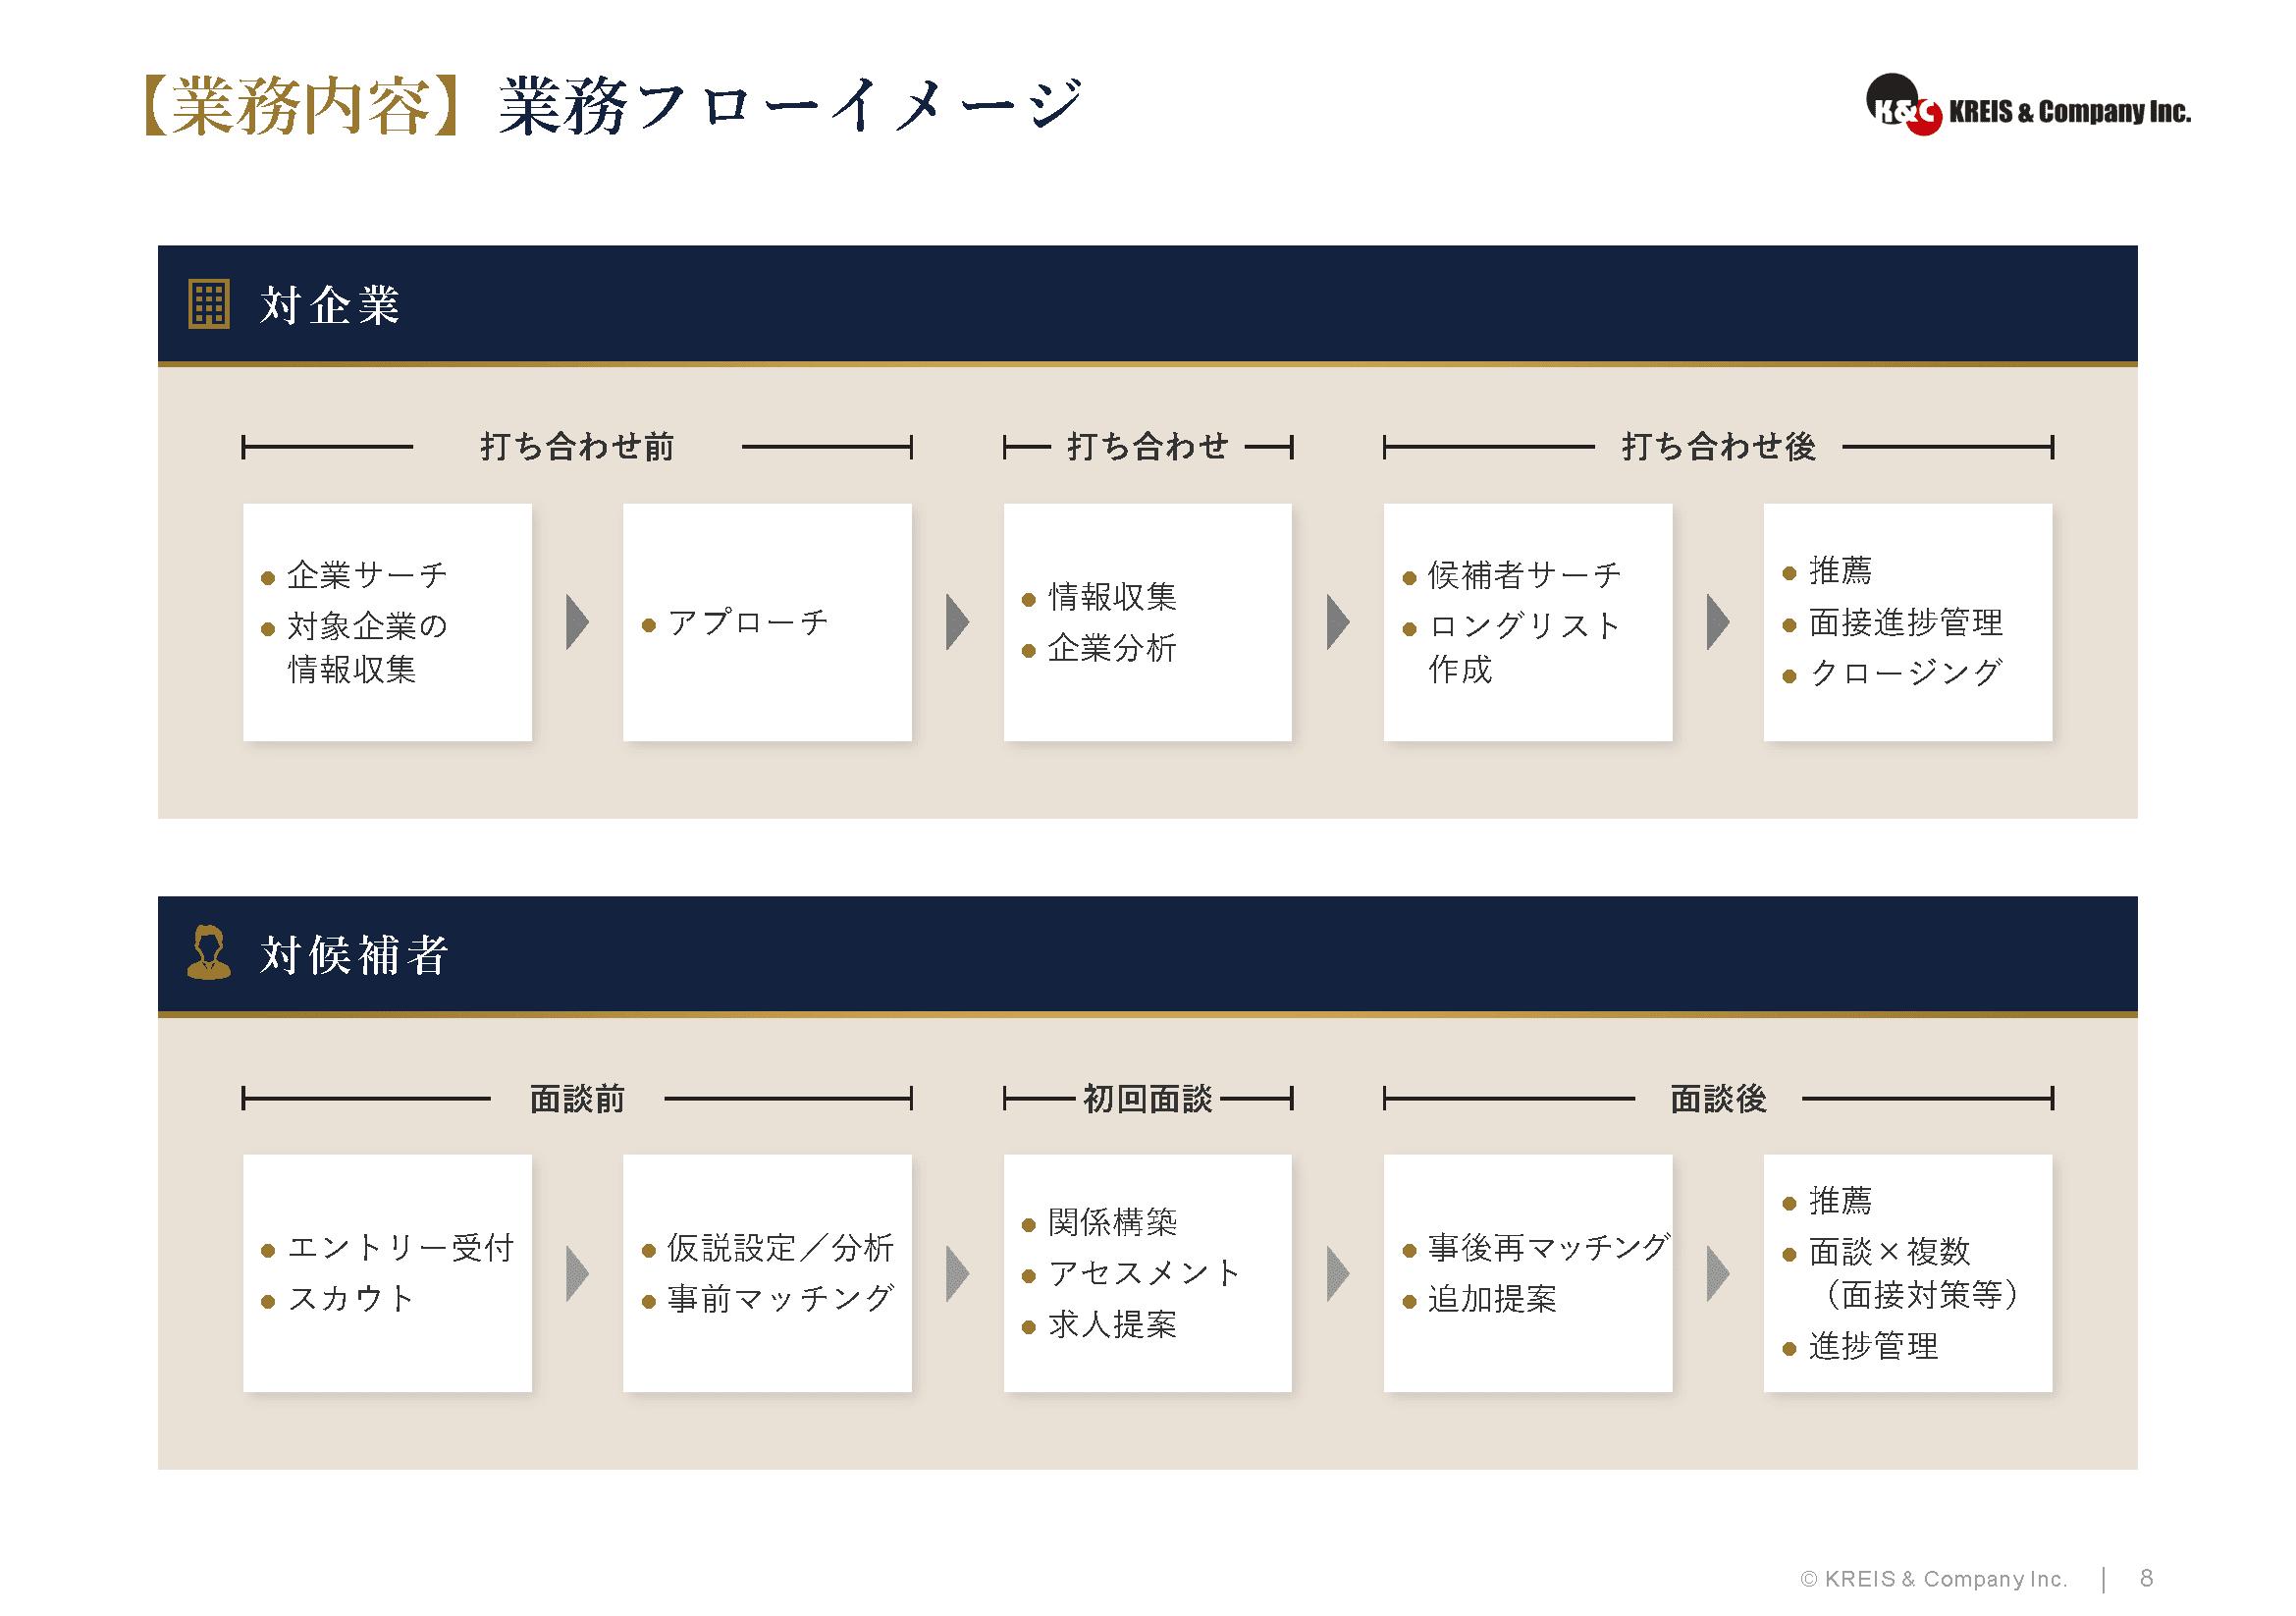 【事業内容】業務フローイメージ